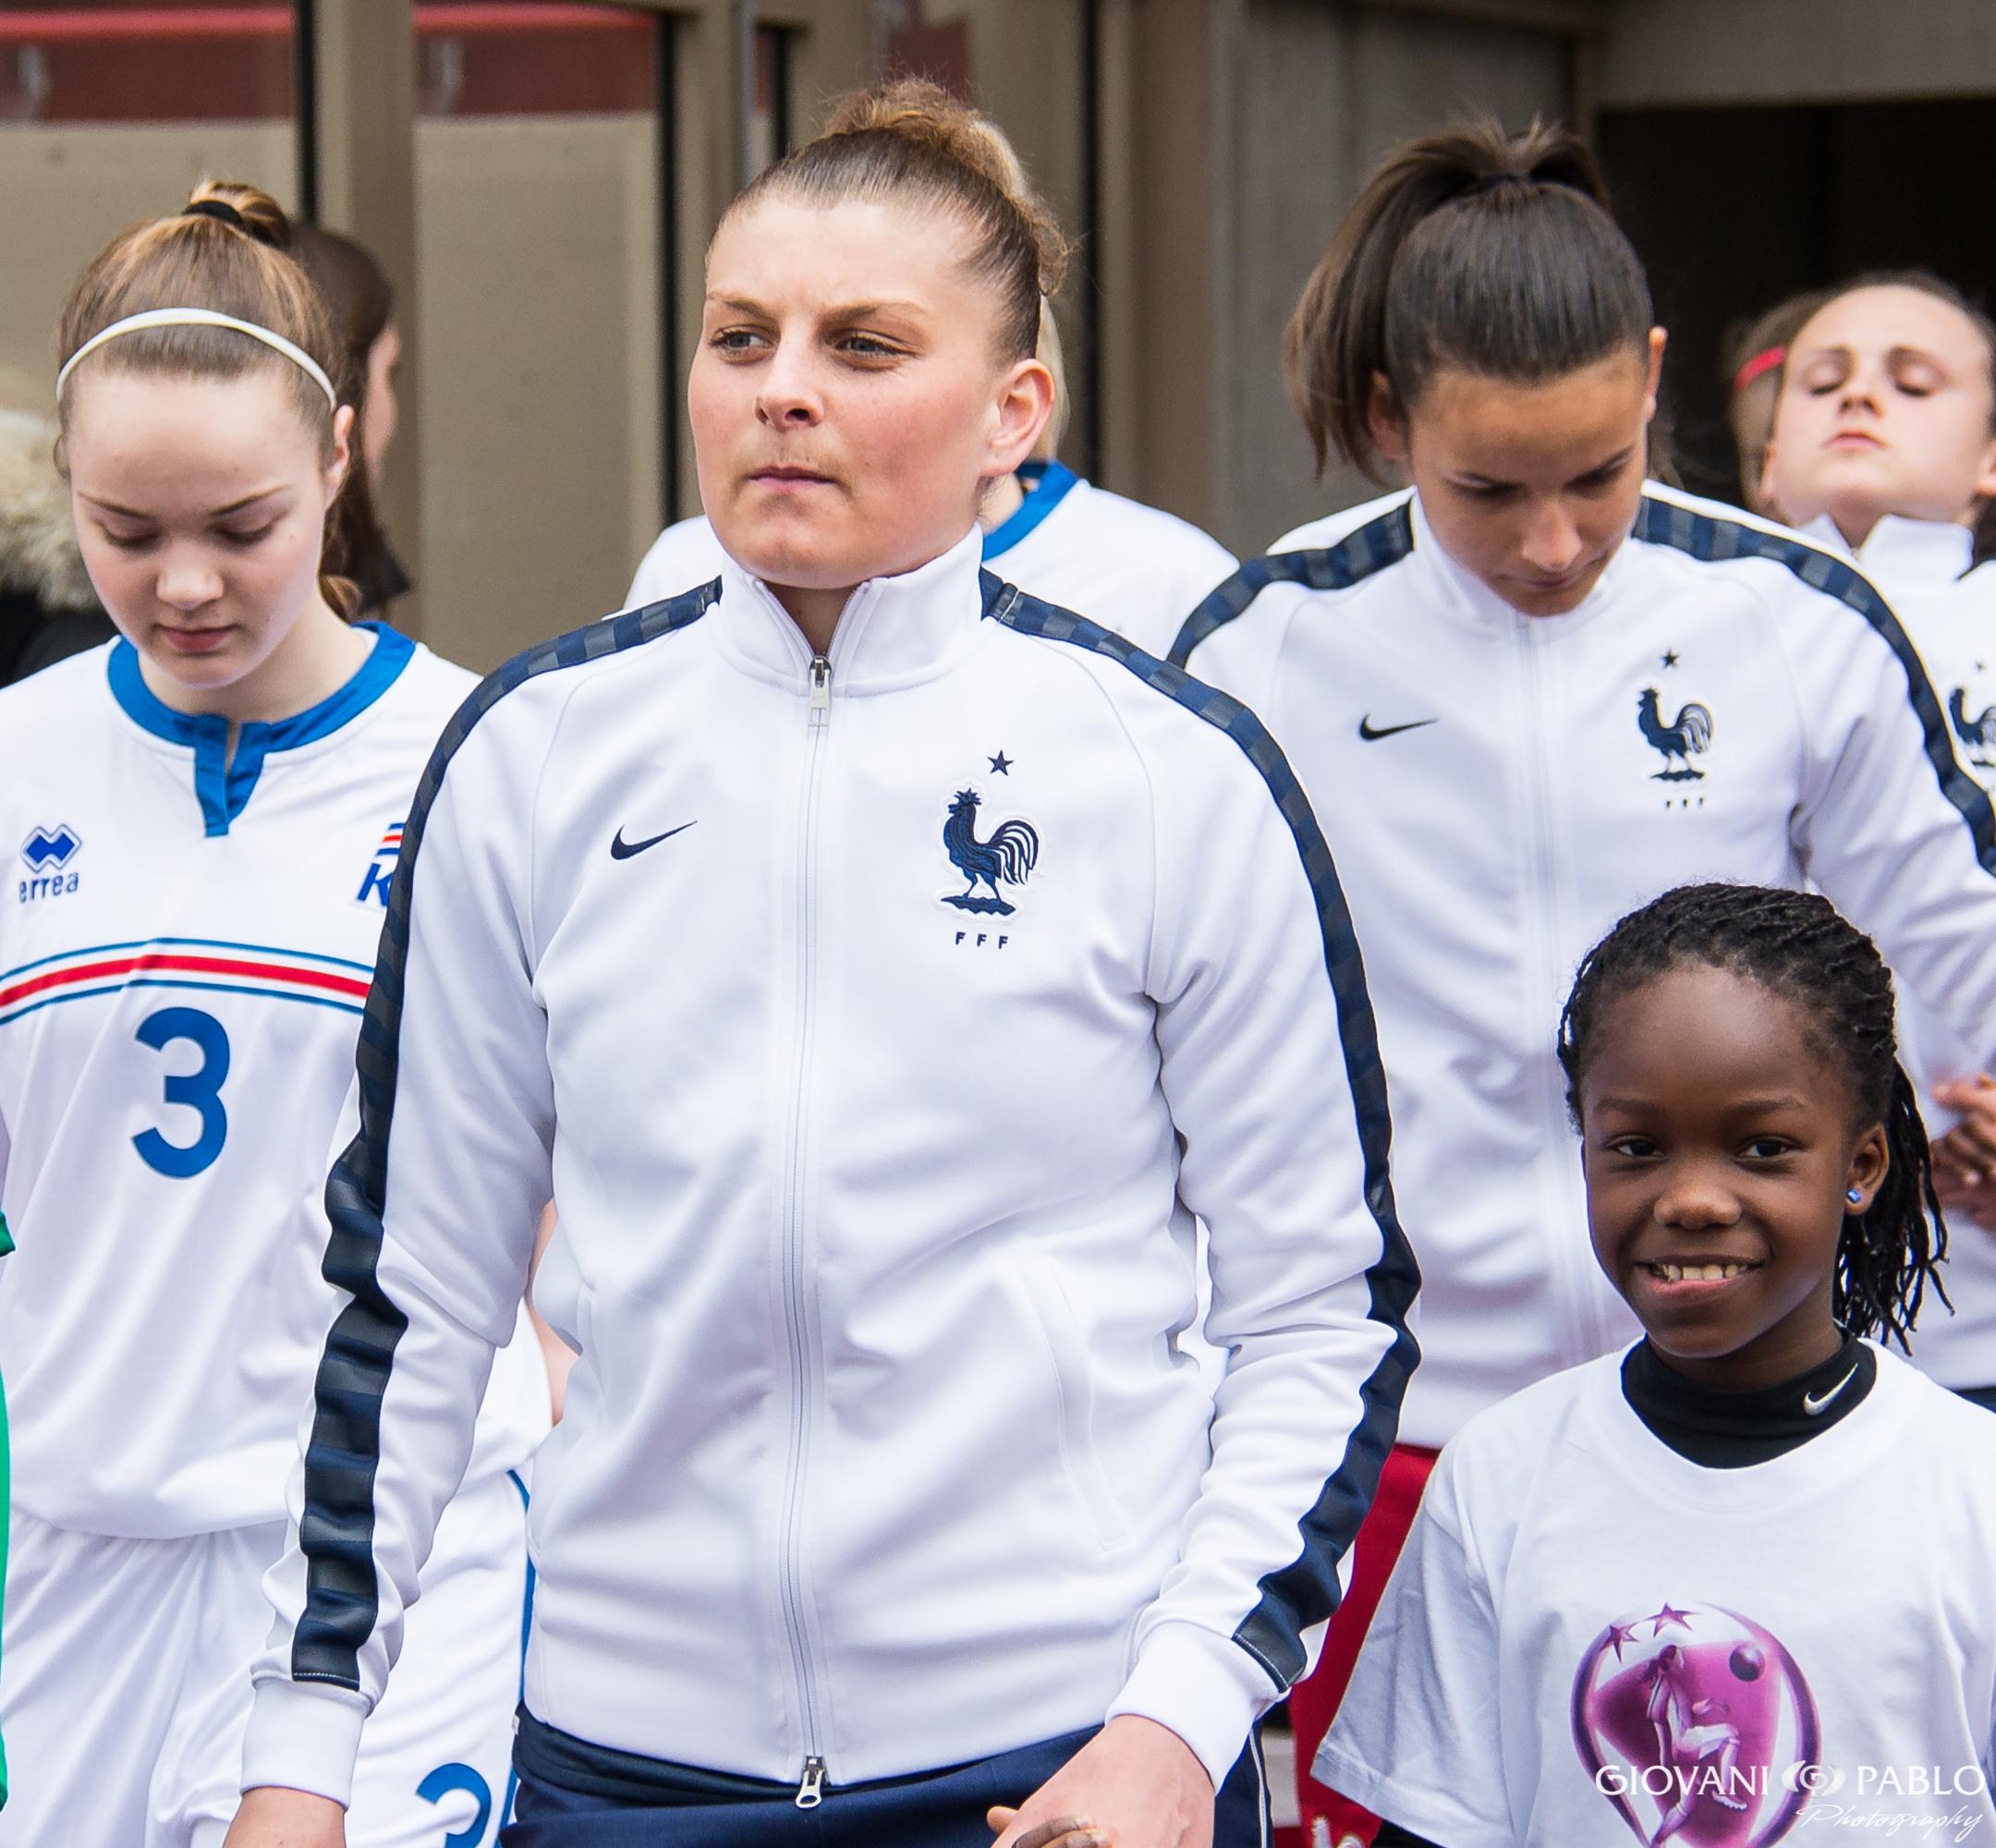 Crédit : Gianni Pablo. Marie Charlotte lèger, concentrée avant son match en U19 face à l'Islande. Lesfeminines.fr